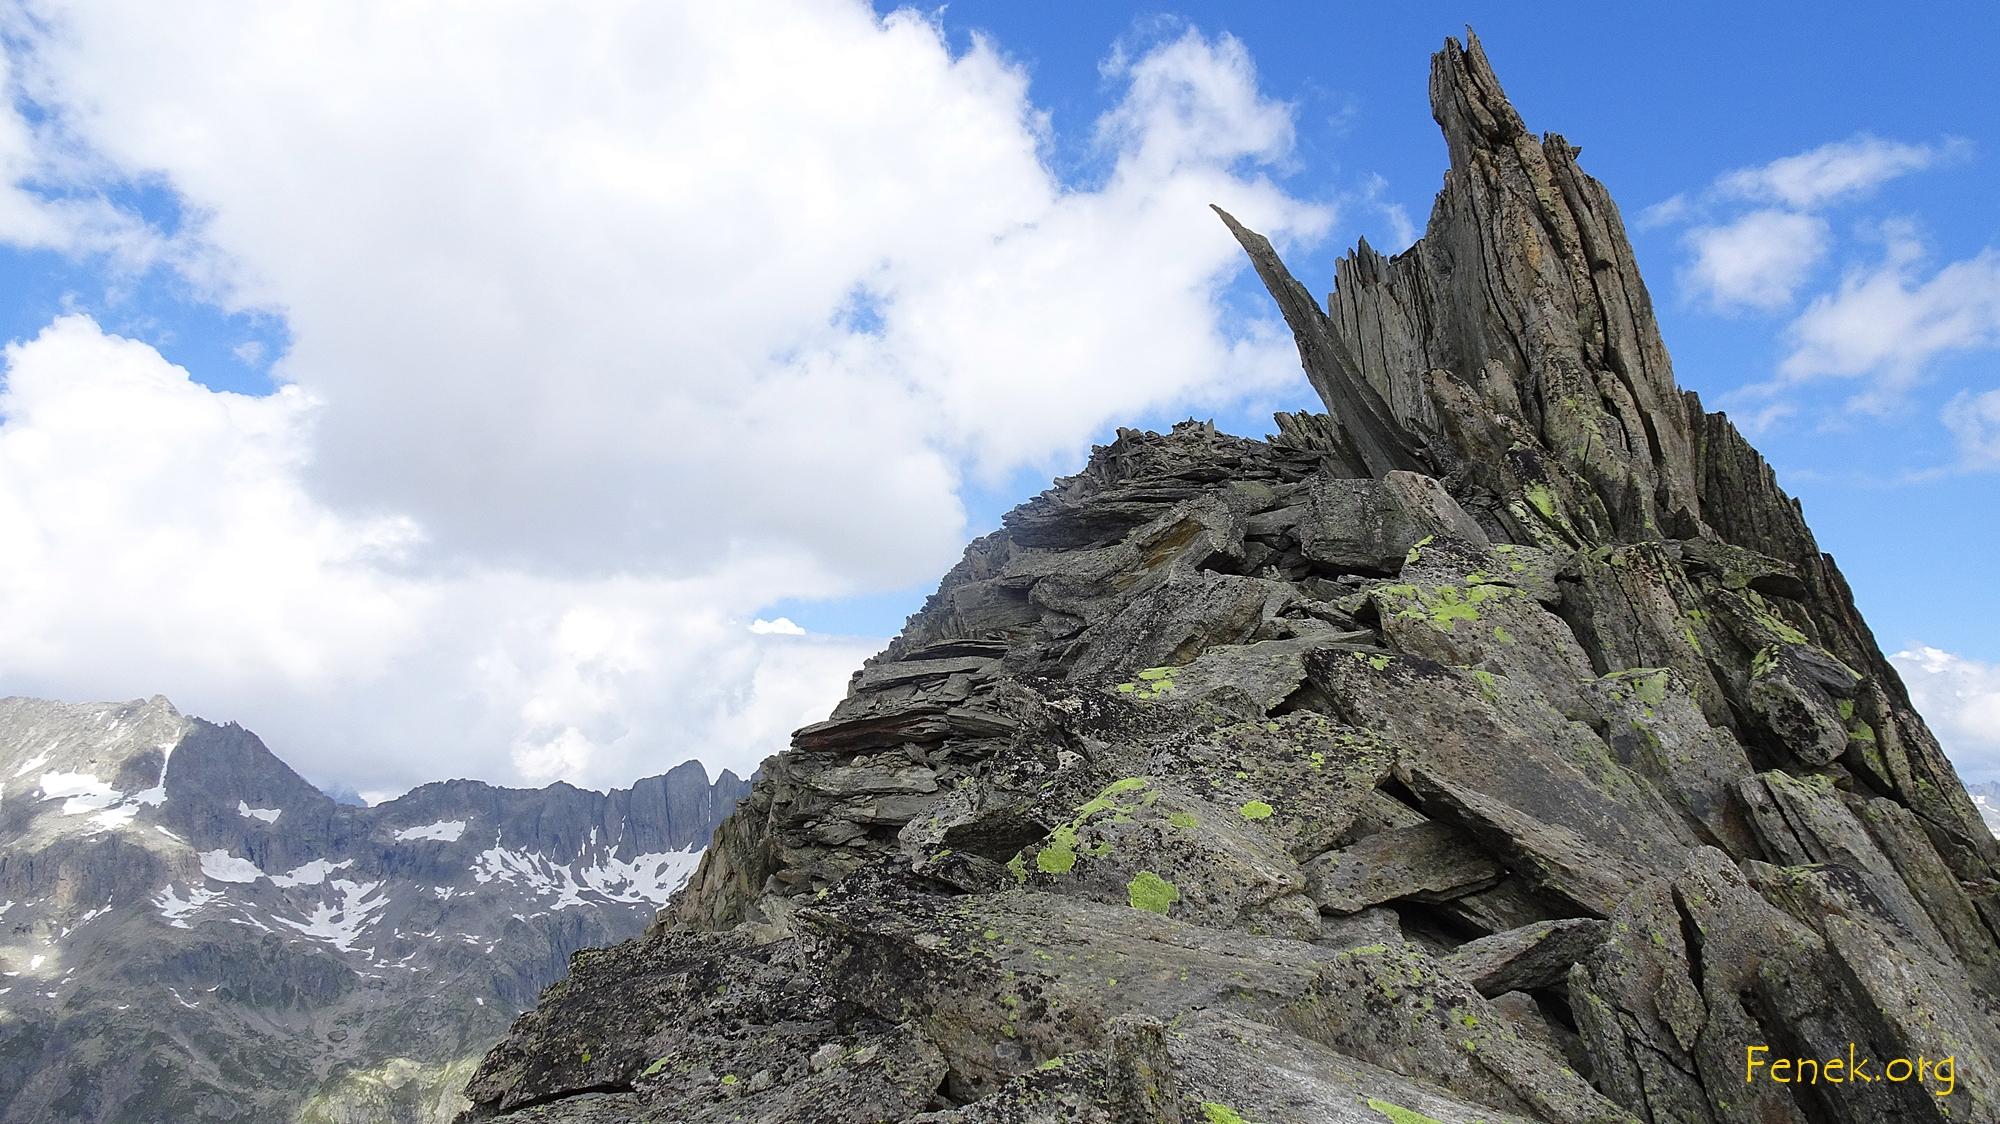 auf dem Grat mit Blick zum Gipfel